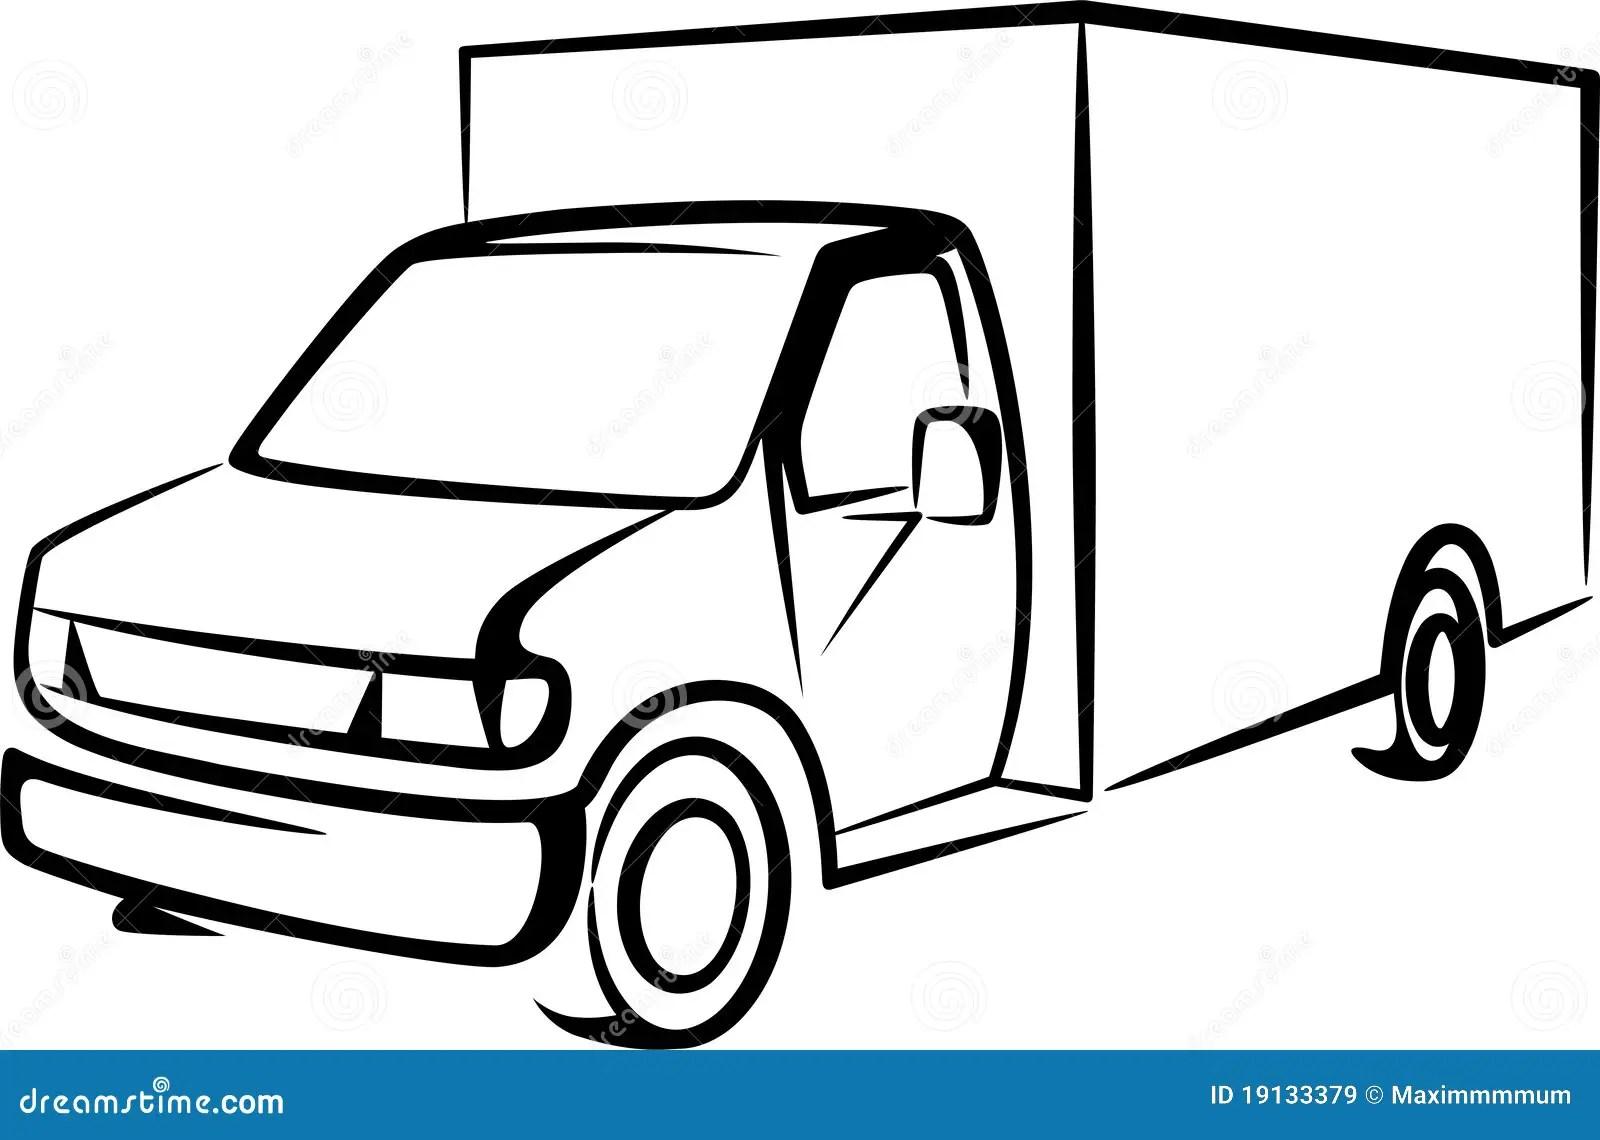 Abbildung Mit Einem Lkw Vektor Abbildung Illustration